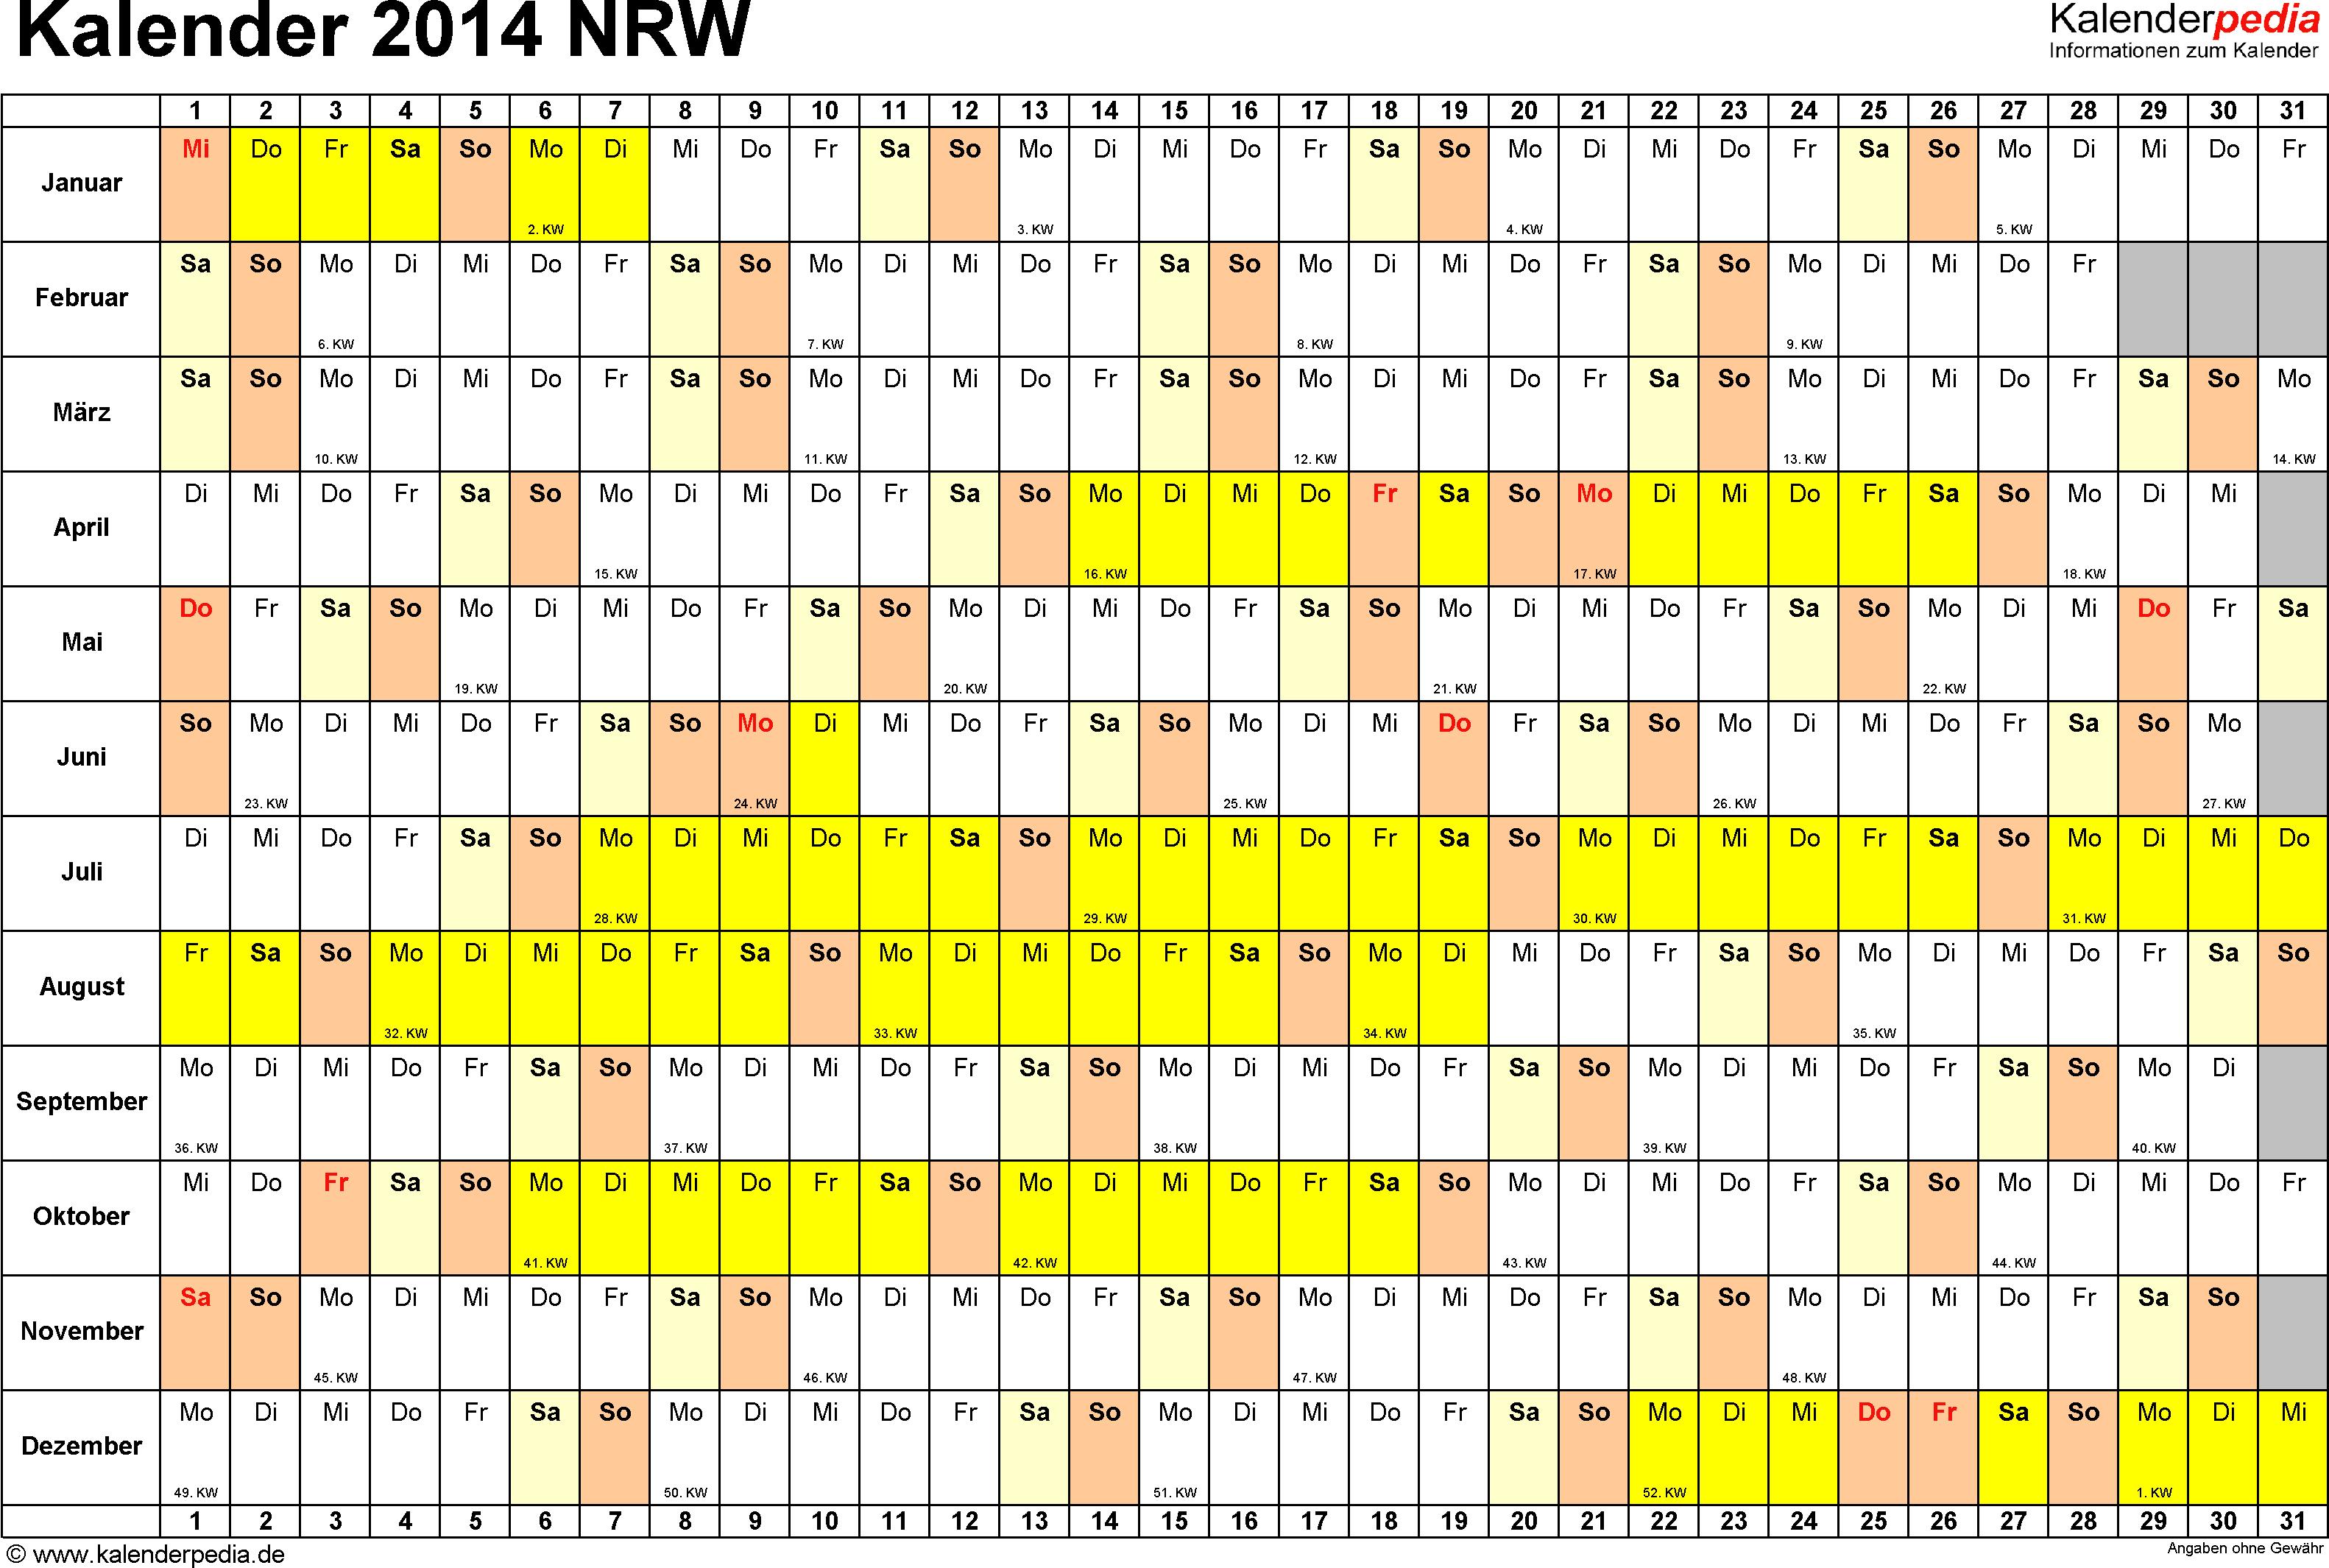 Vorlage 2: Kalender NRW 2014 im Querformat, Tage nebeneinander